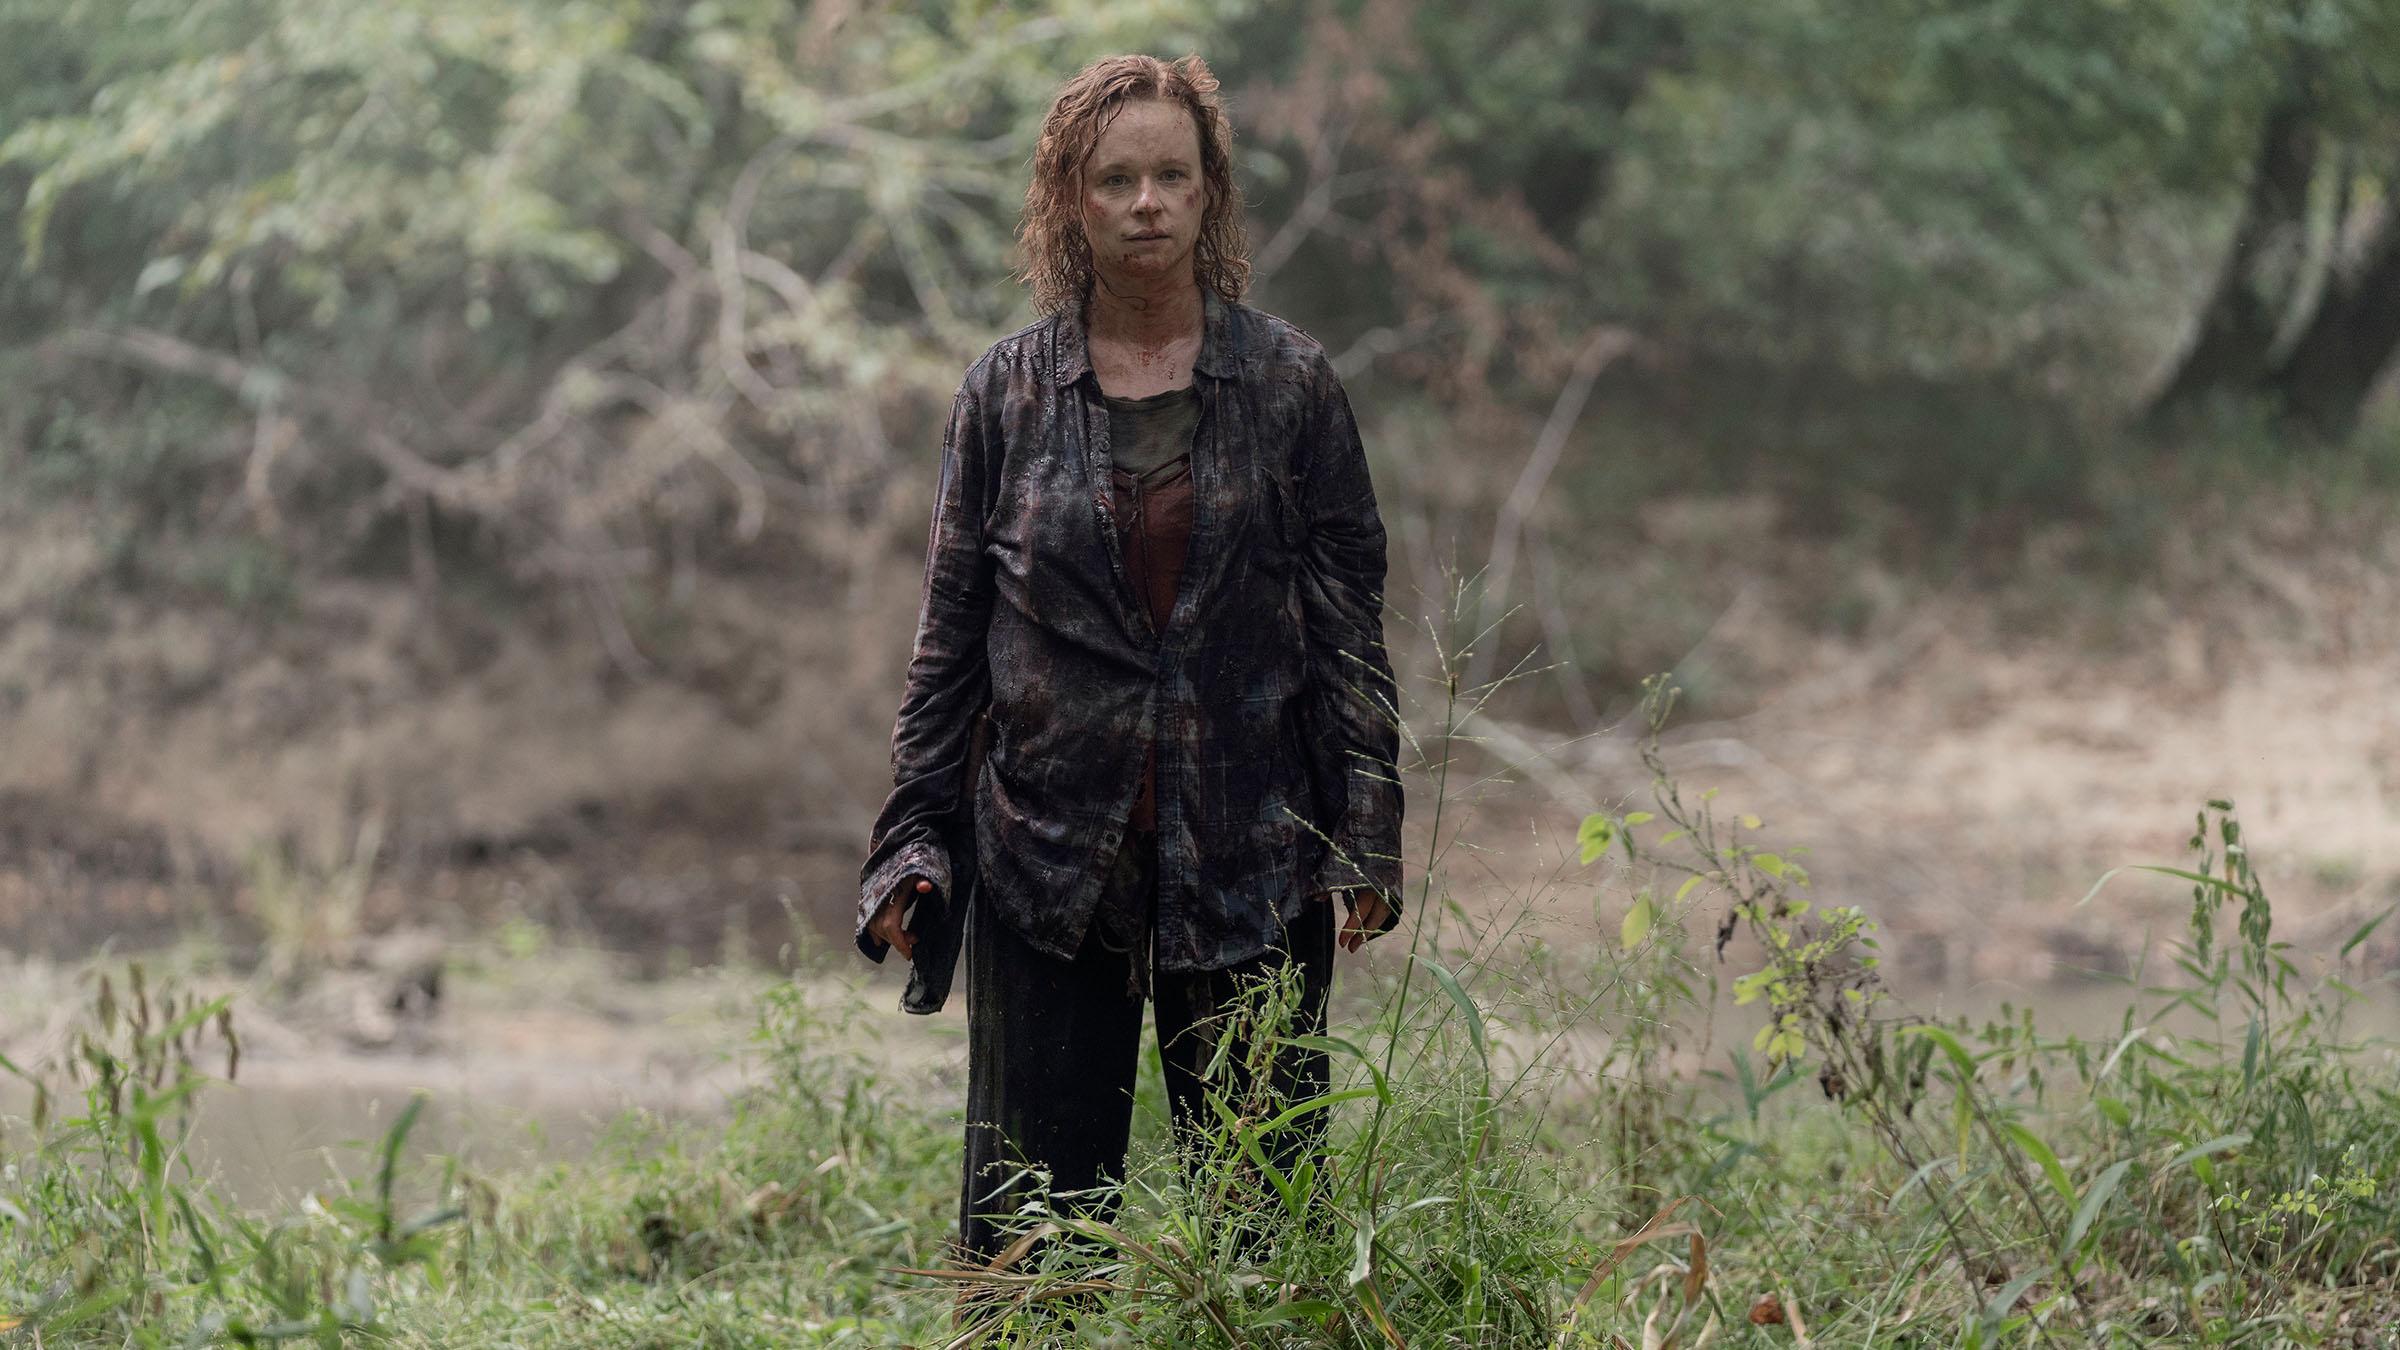 «The Walking Dead» pospuesto el final de la Temporada 10 debido al Coronavirus